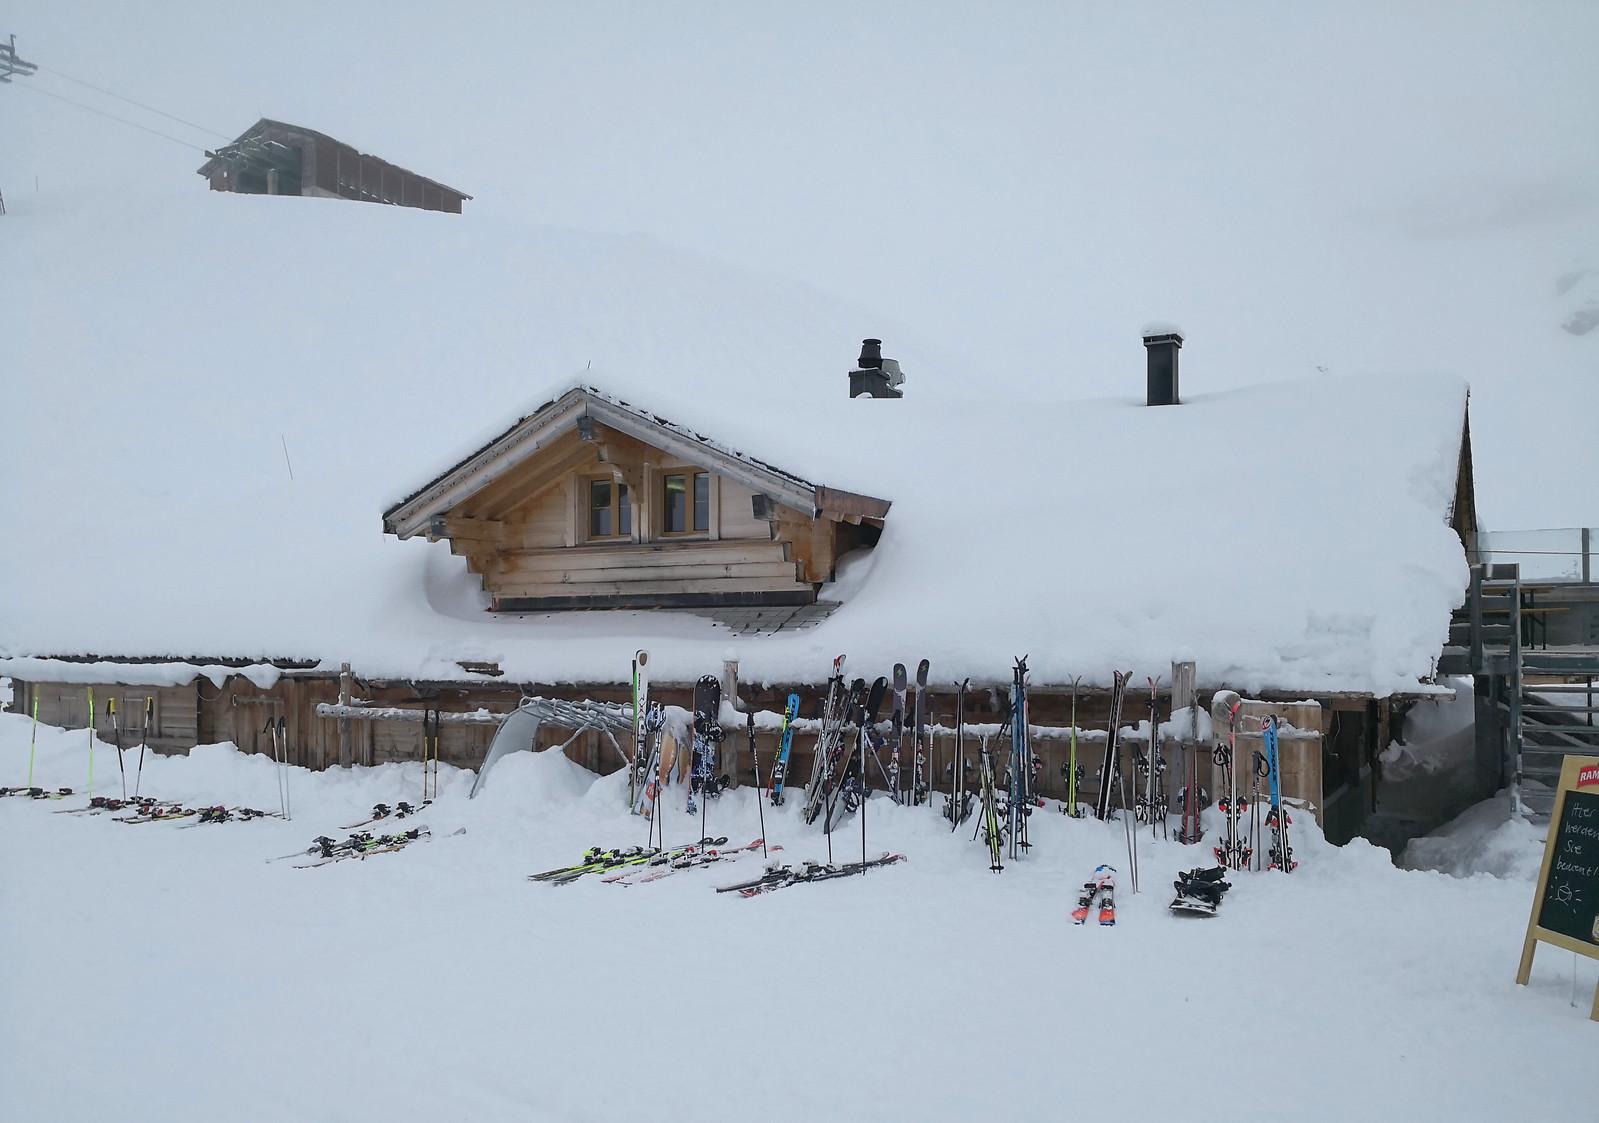 Lodge at Hääggen